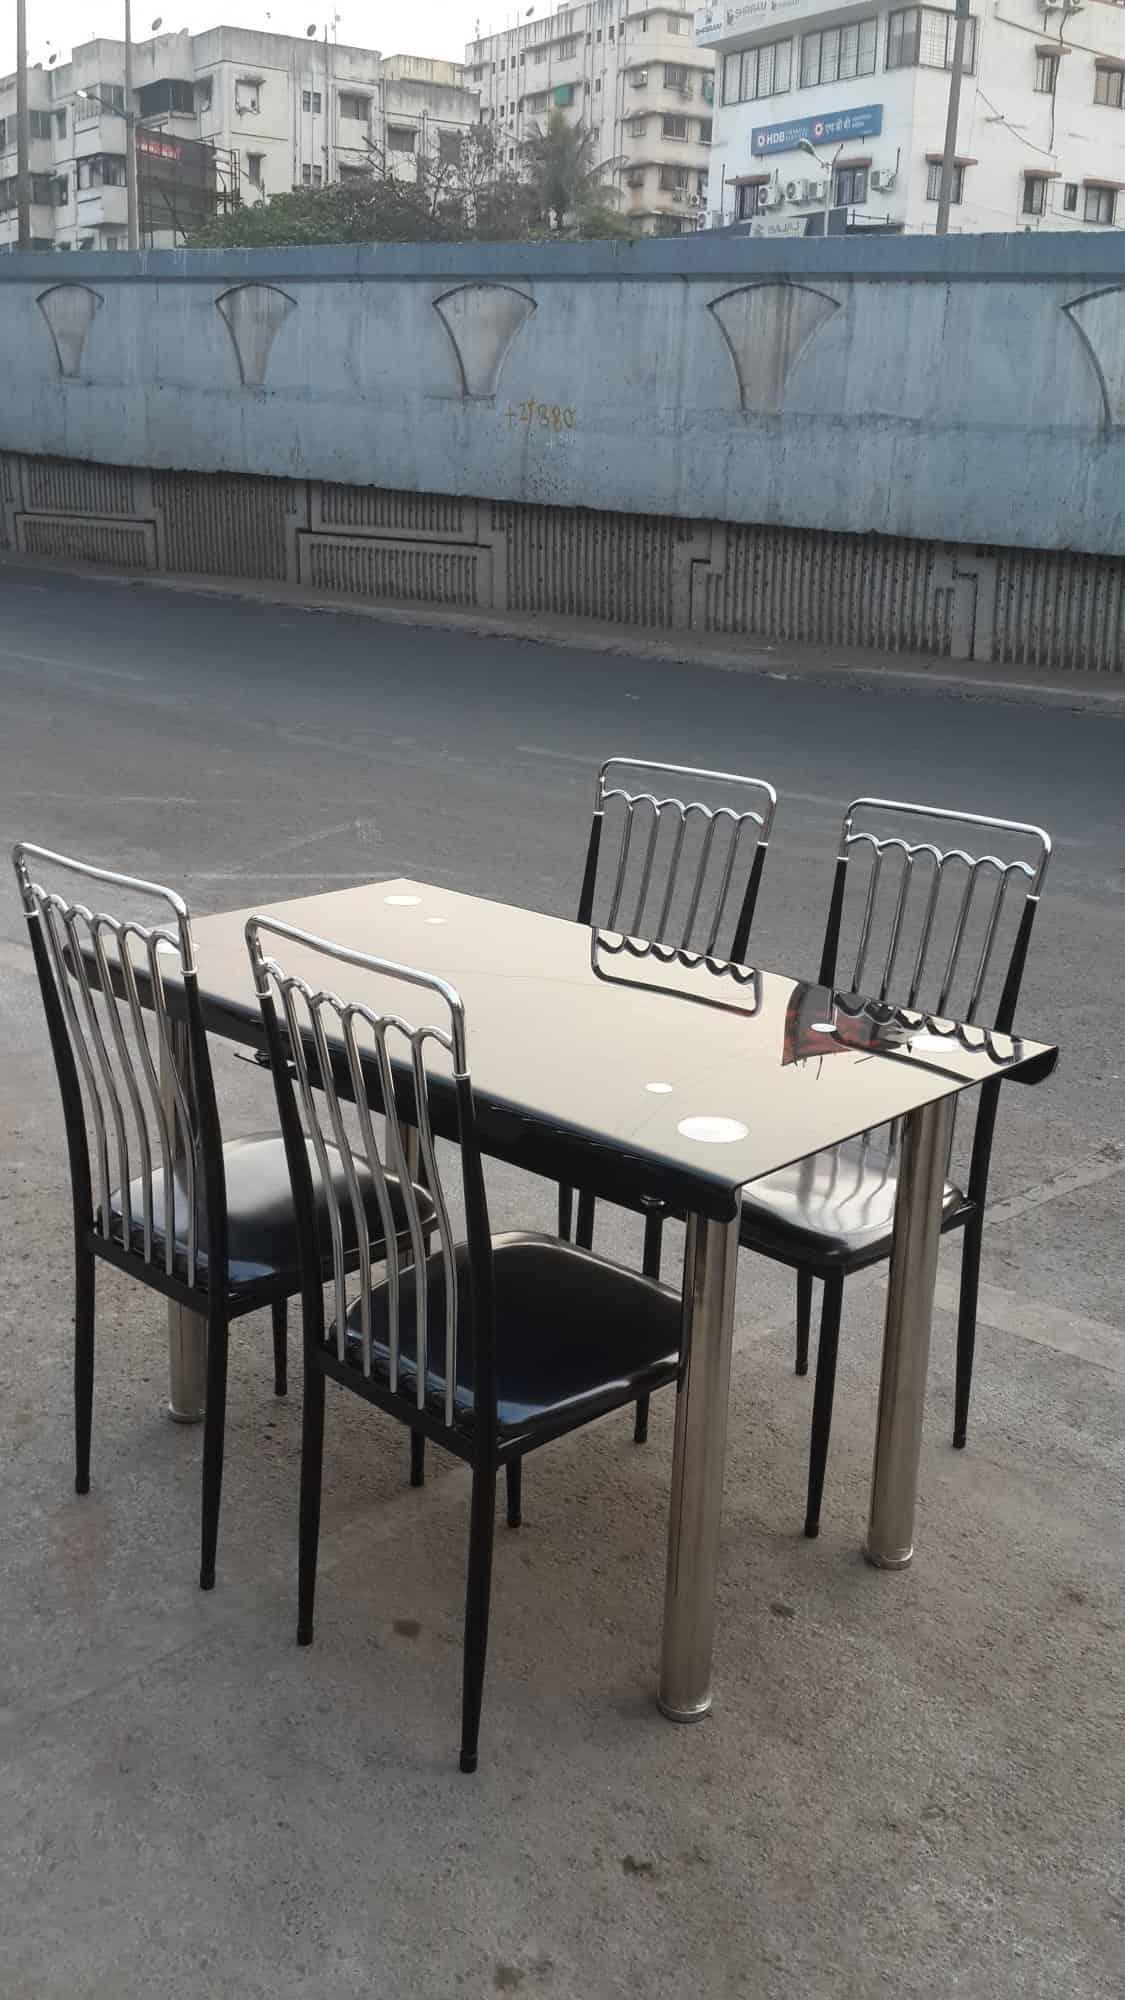 Paras Furniture, Dhankawadi   Paaras Furniture   Furniture Manufacturers In  Pune   Justdial